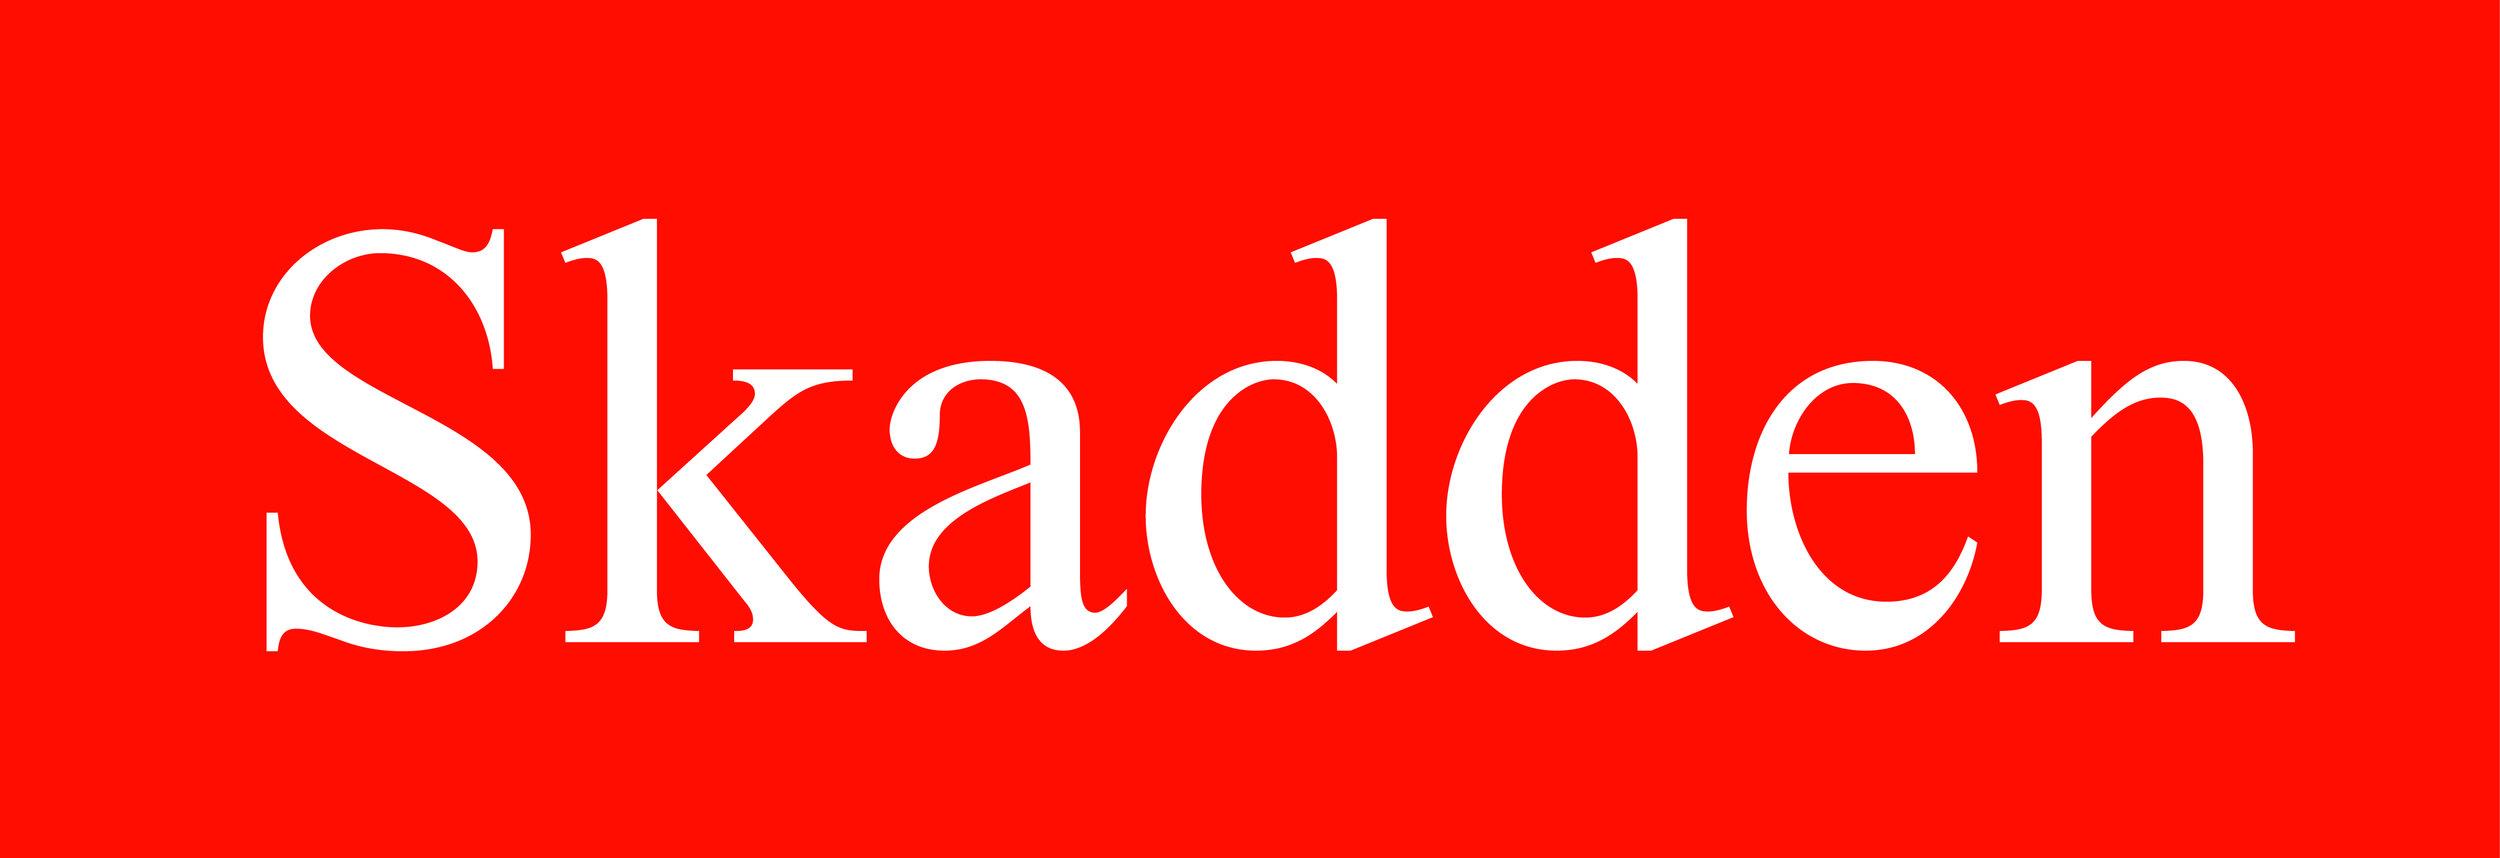 Skadden_logo_pms485_box.jpg